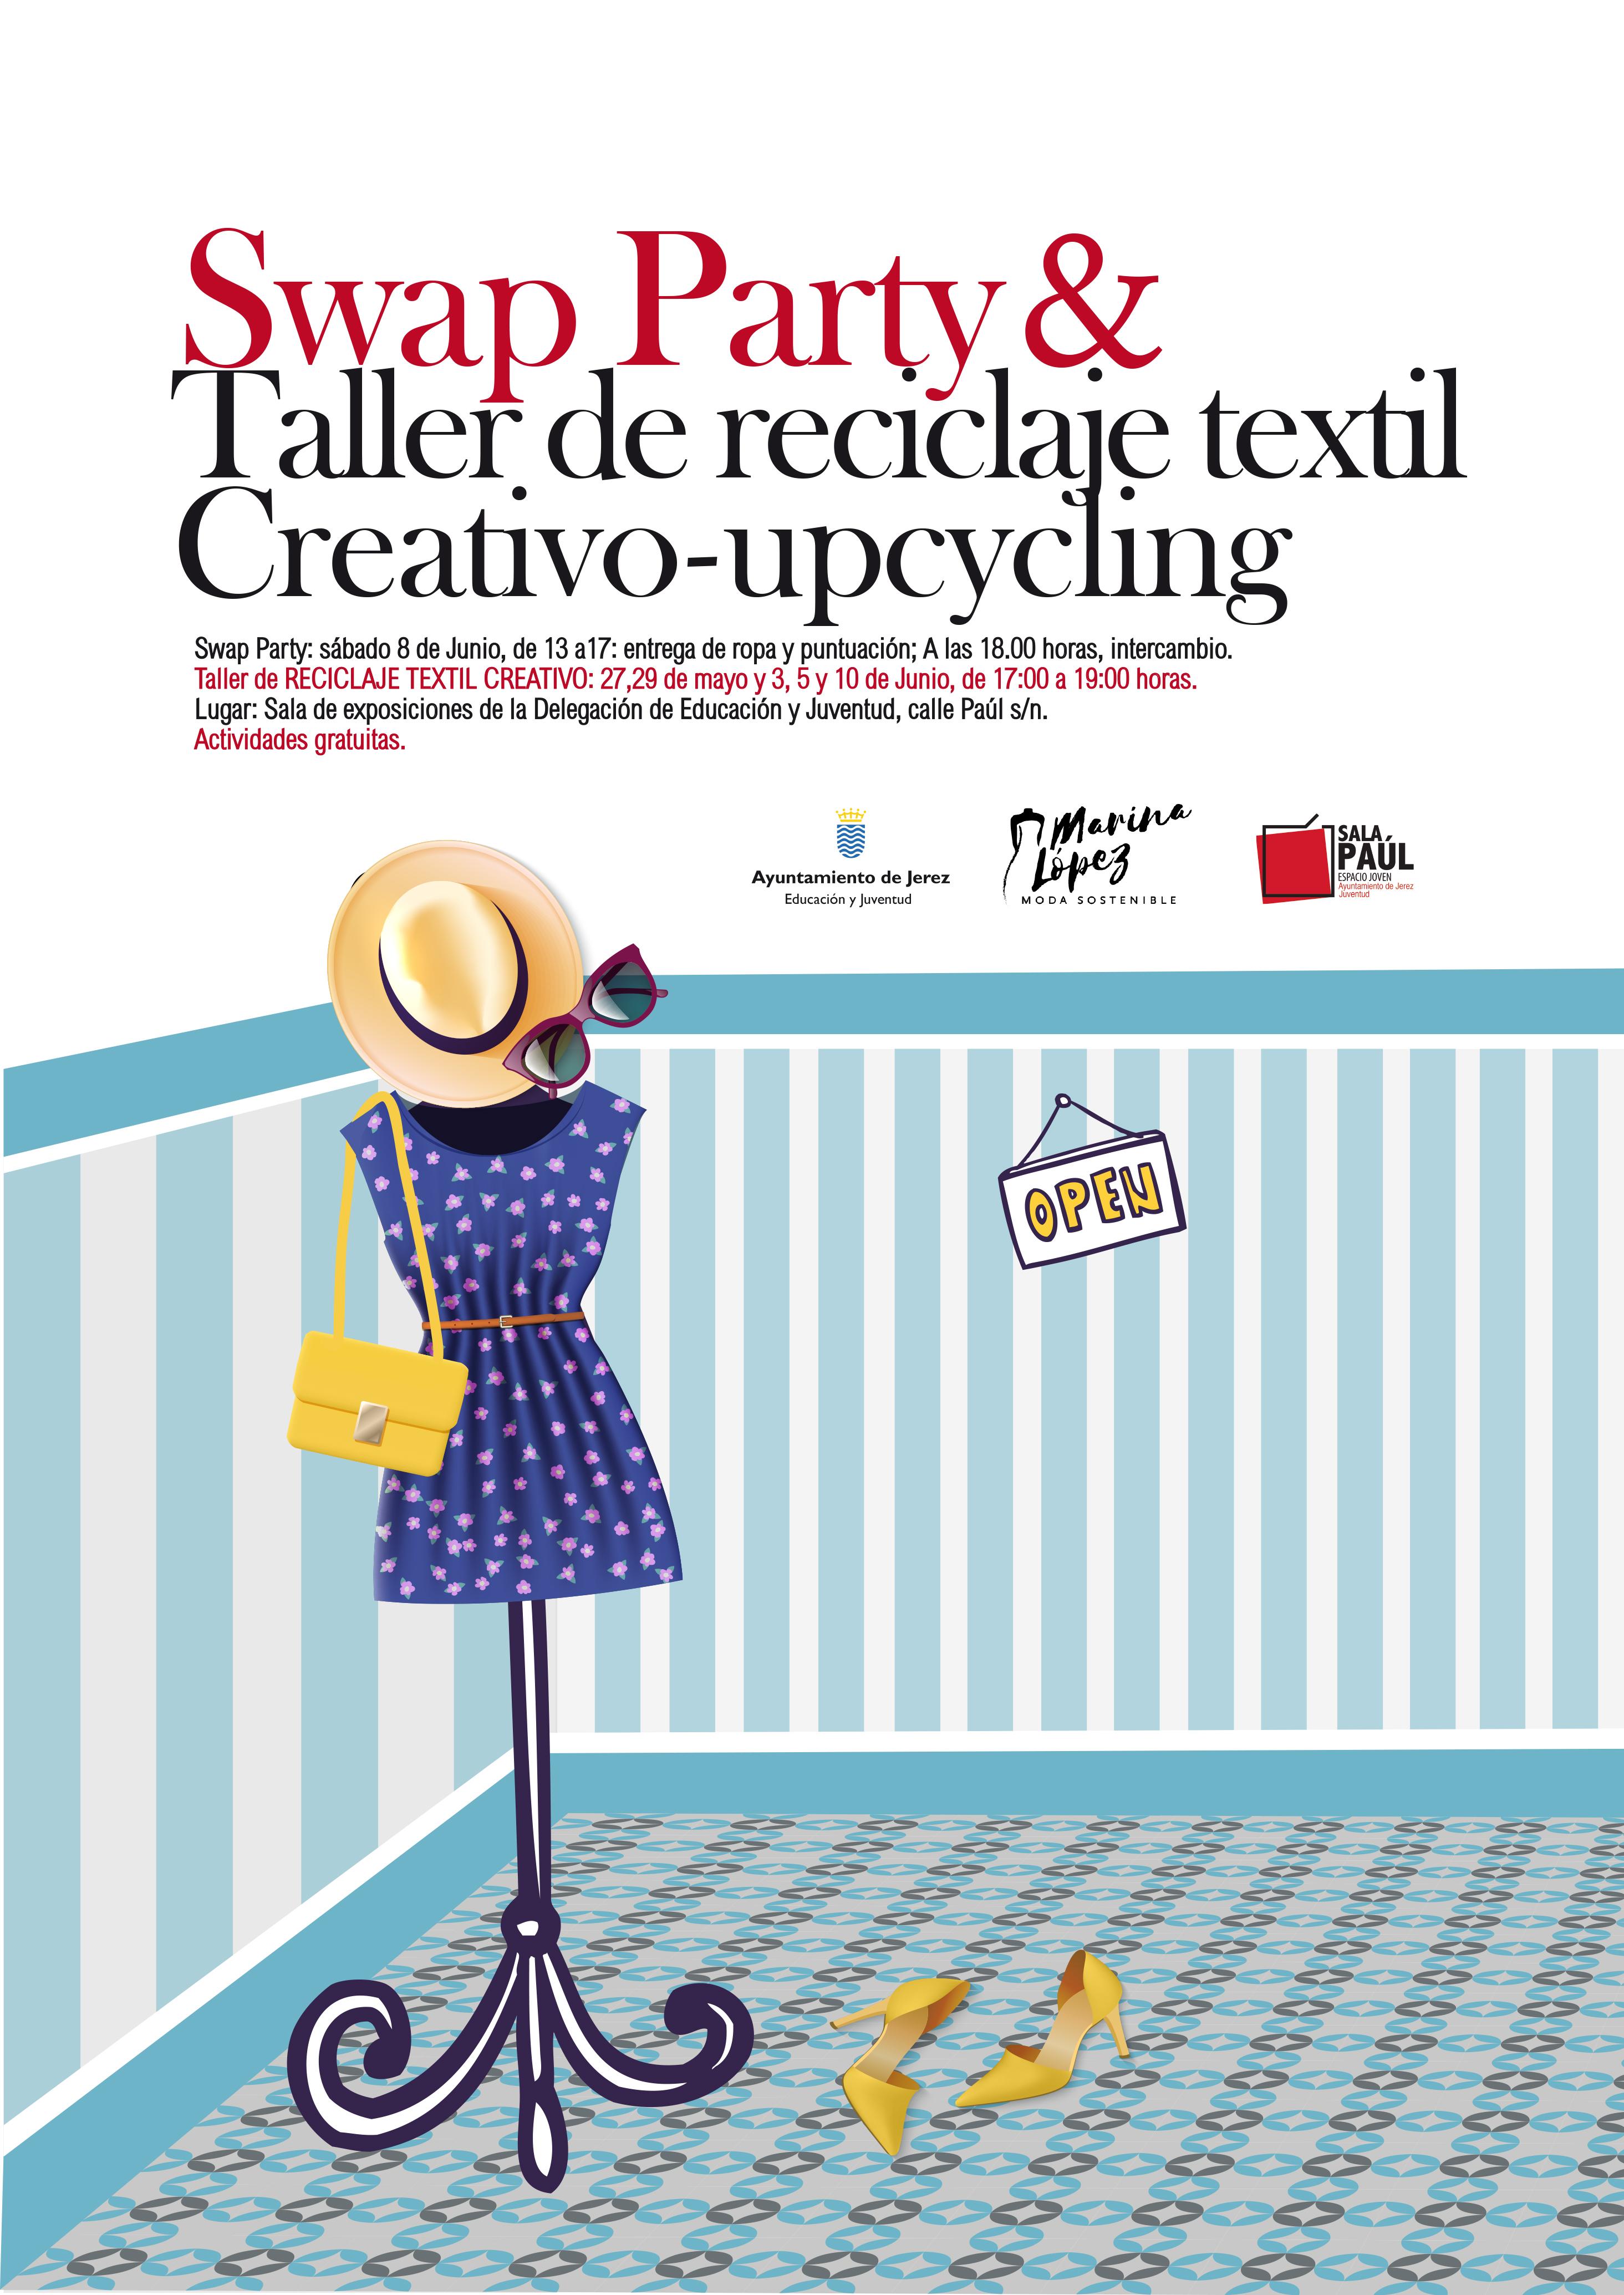 Swap Party y Taller Reciclaje Textil